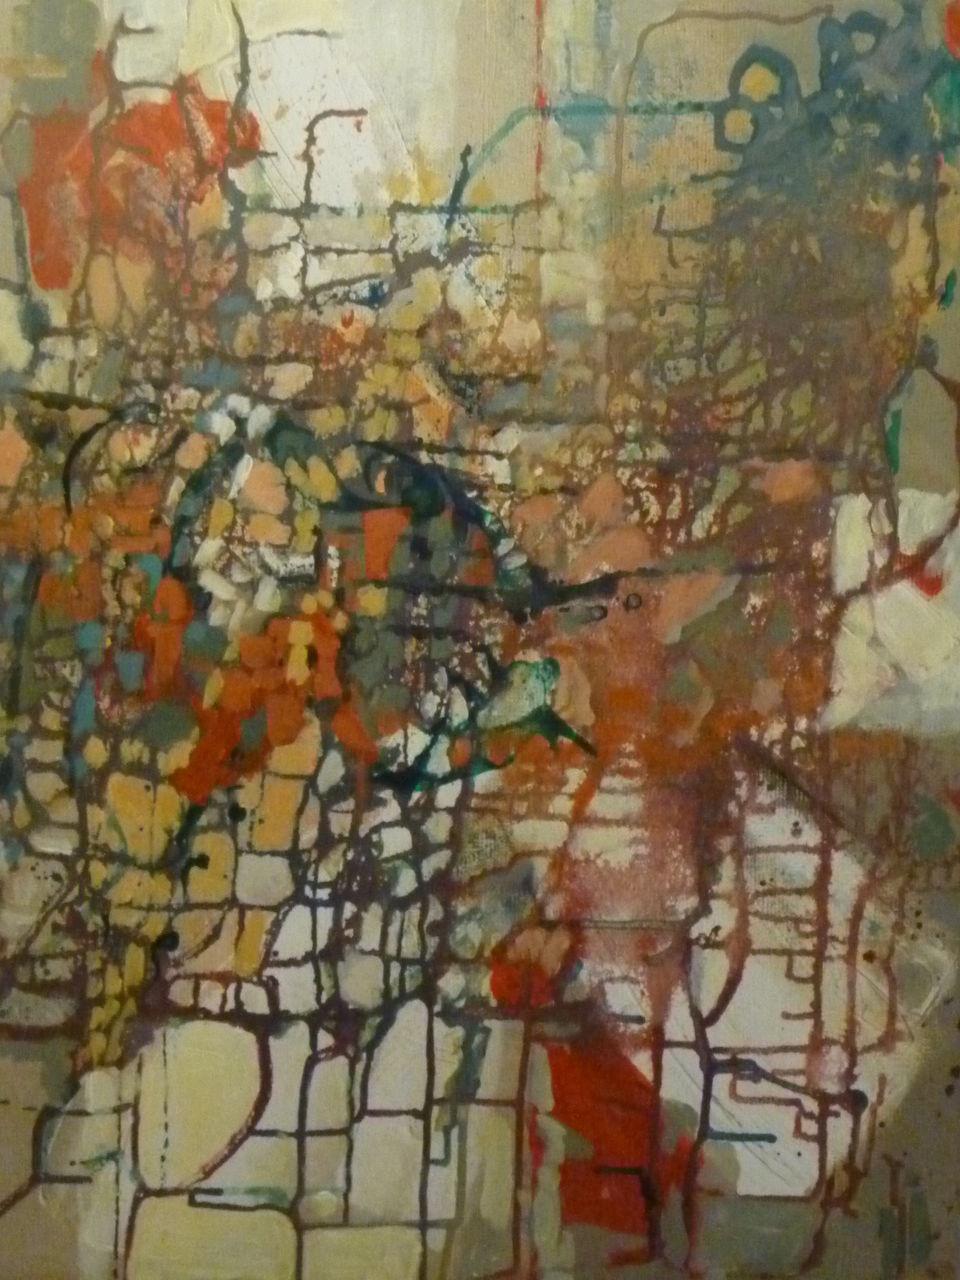 Bild abstrakt acrylmalerei bunt mischtechnik von - Acrylmalerei ideen ...